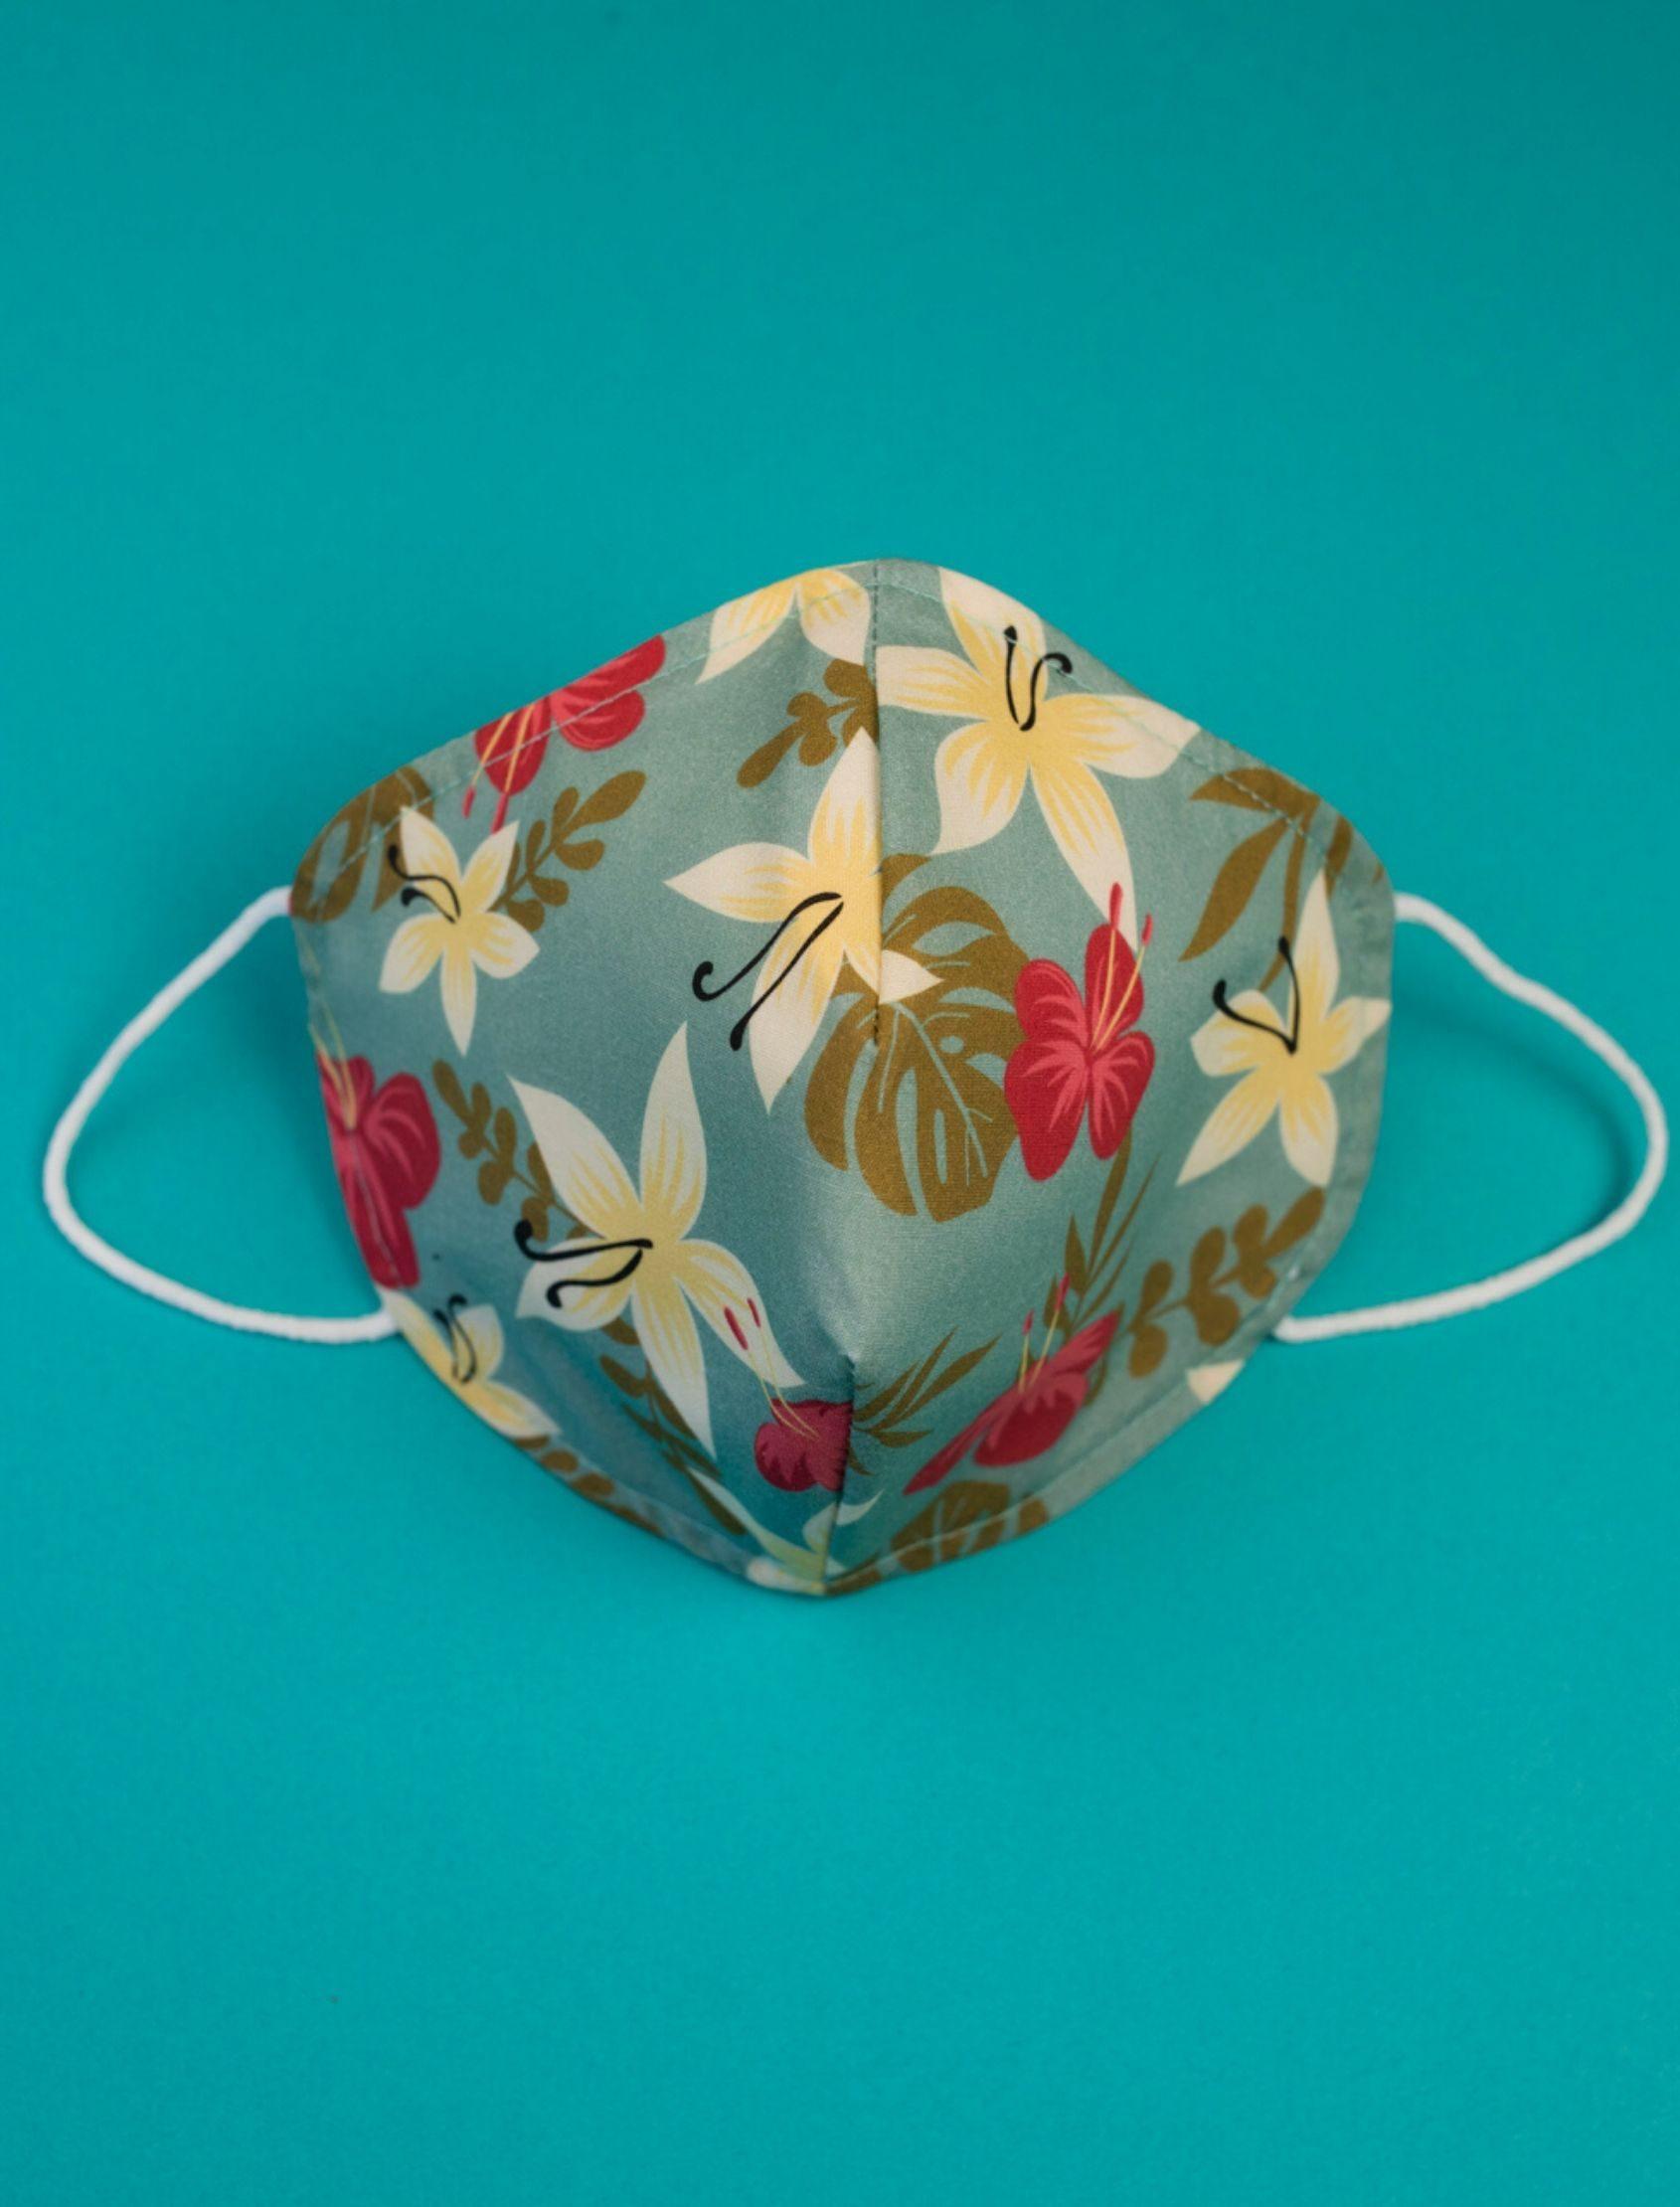 mascarilla romina con estampado floral multicolor diseñado por cris domínguez